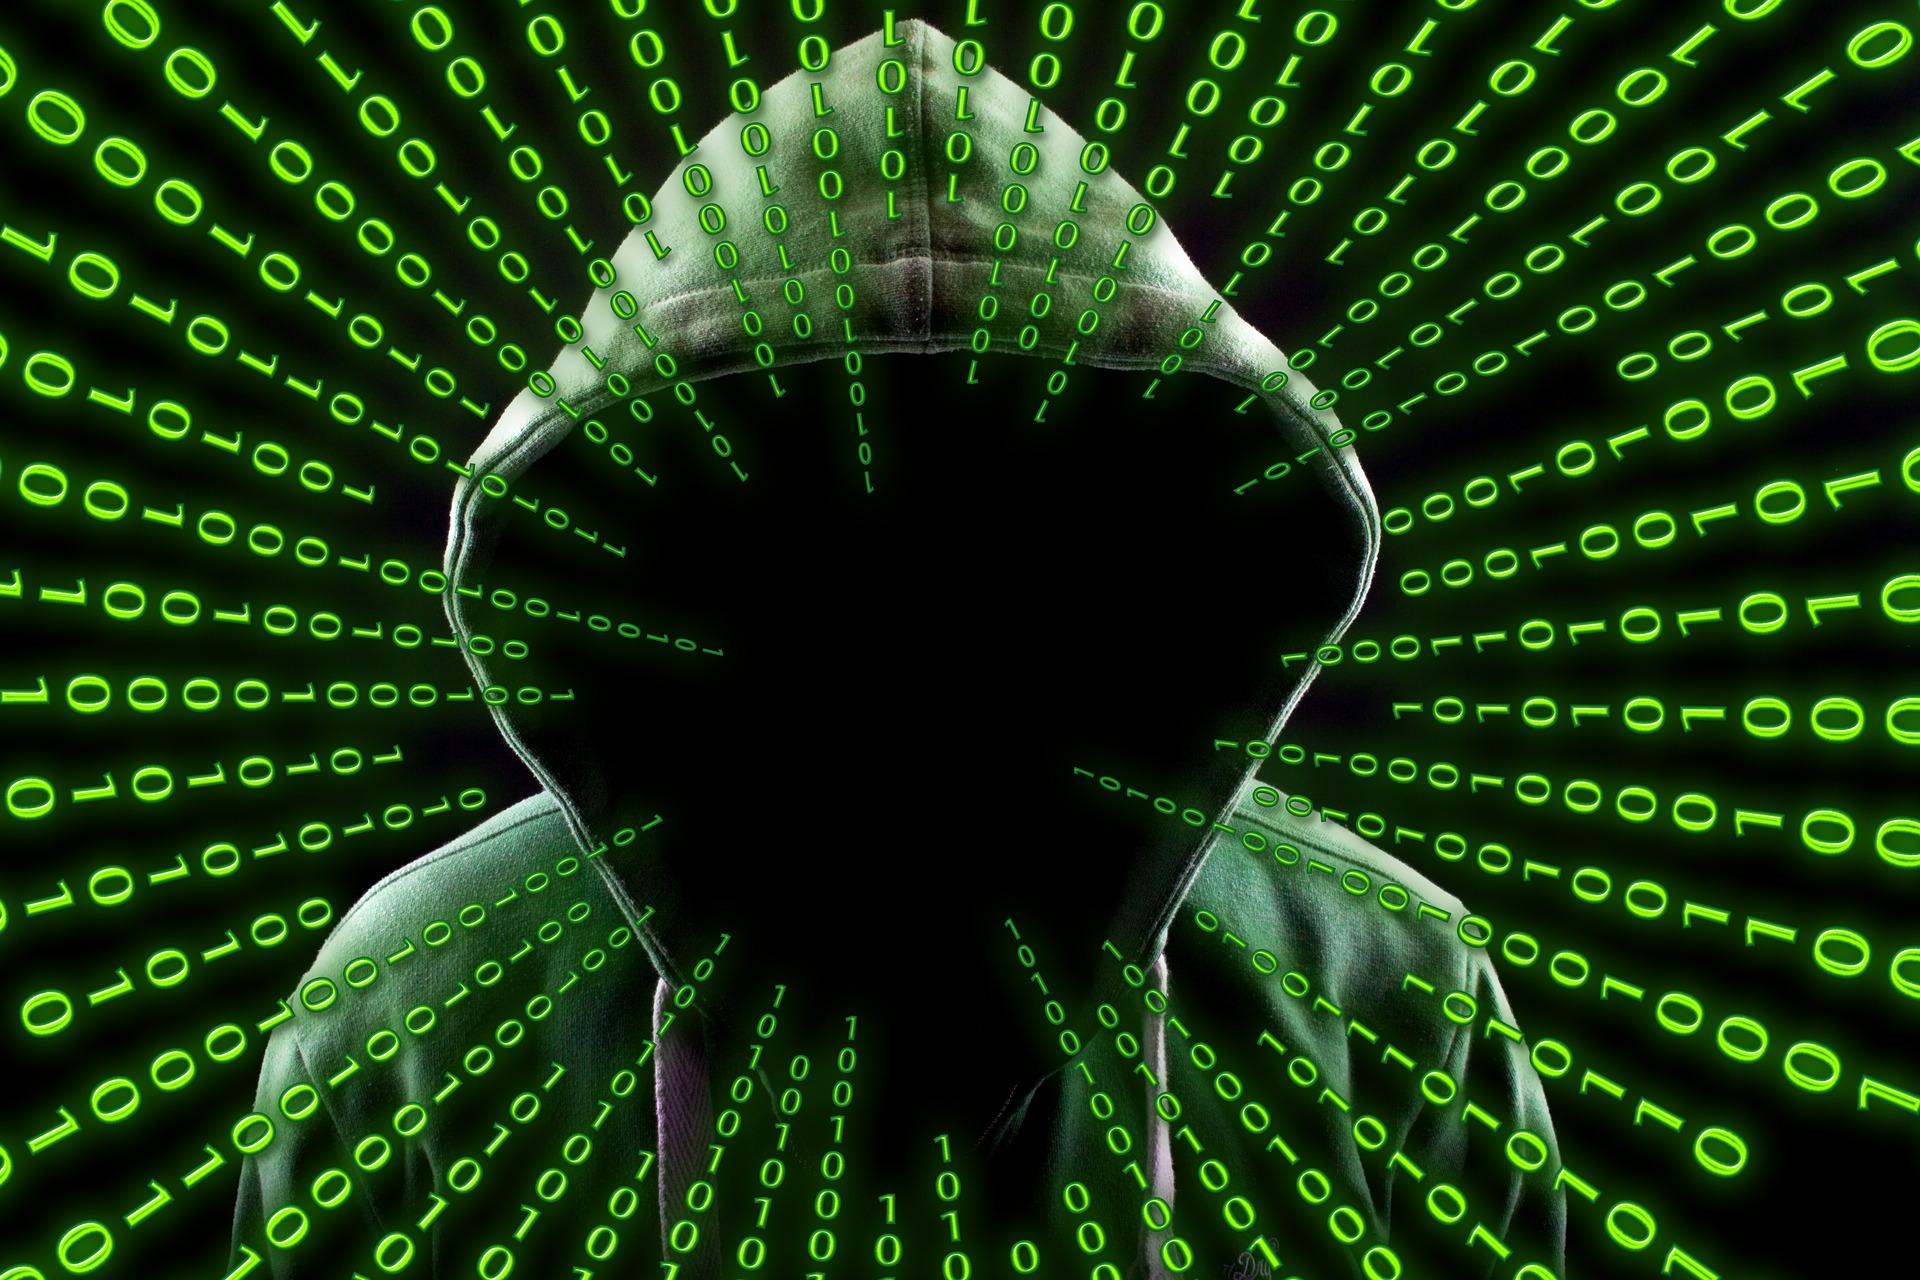 Threat of Online Predators